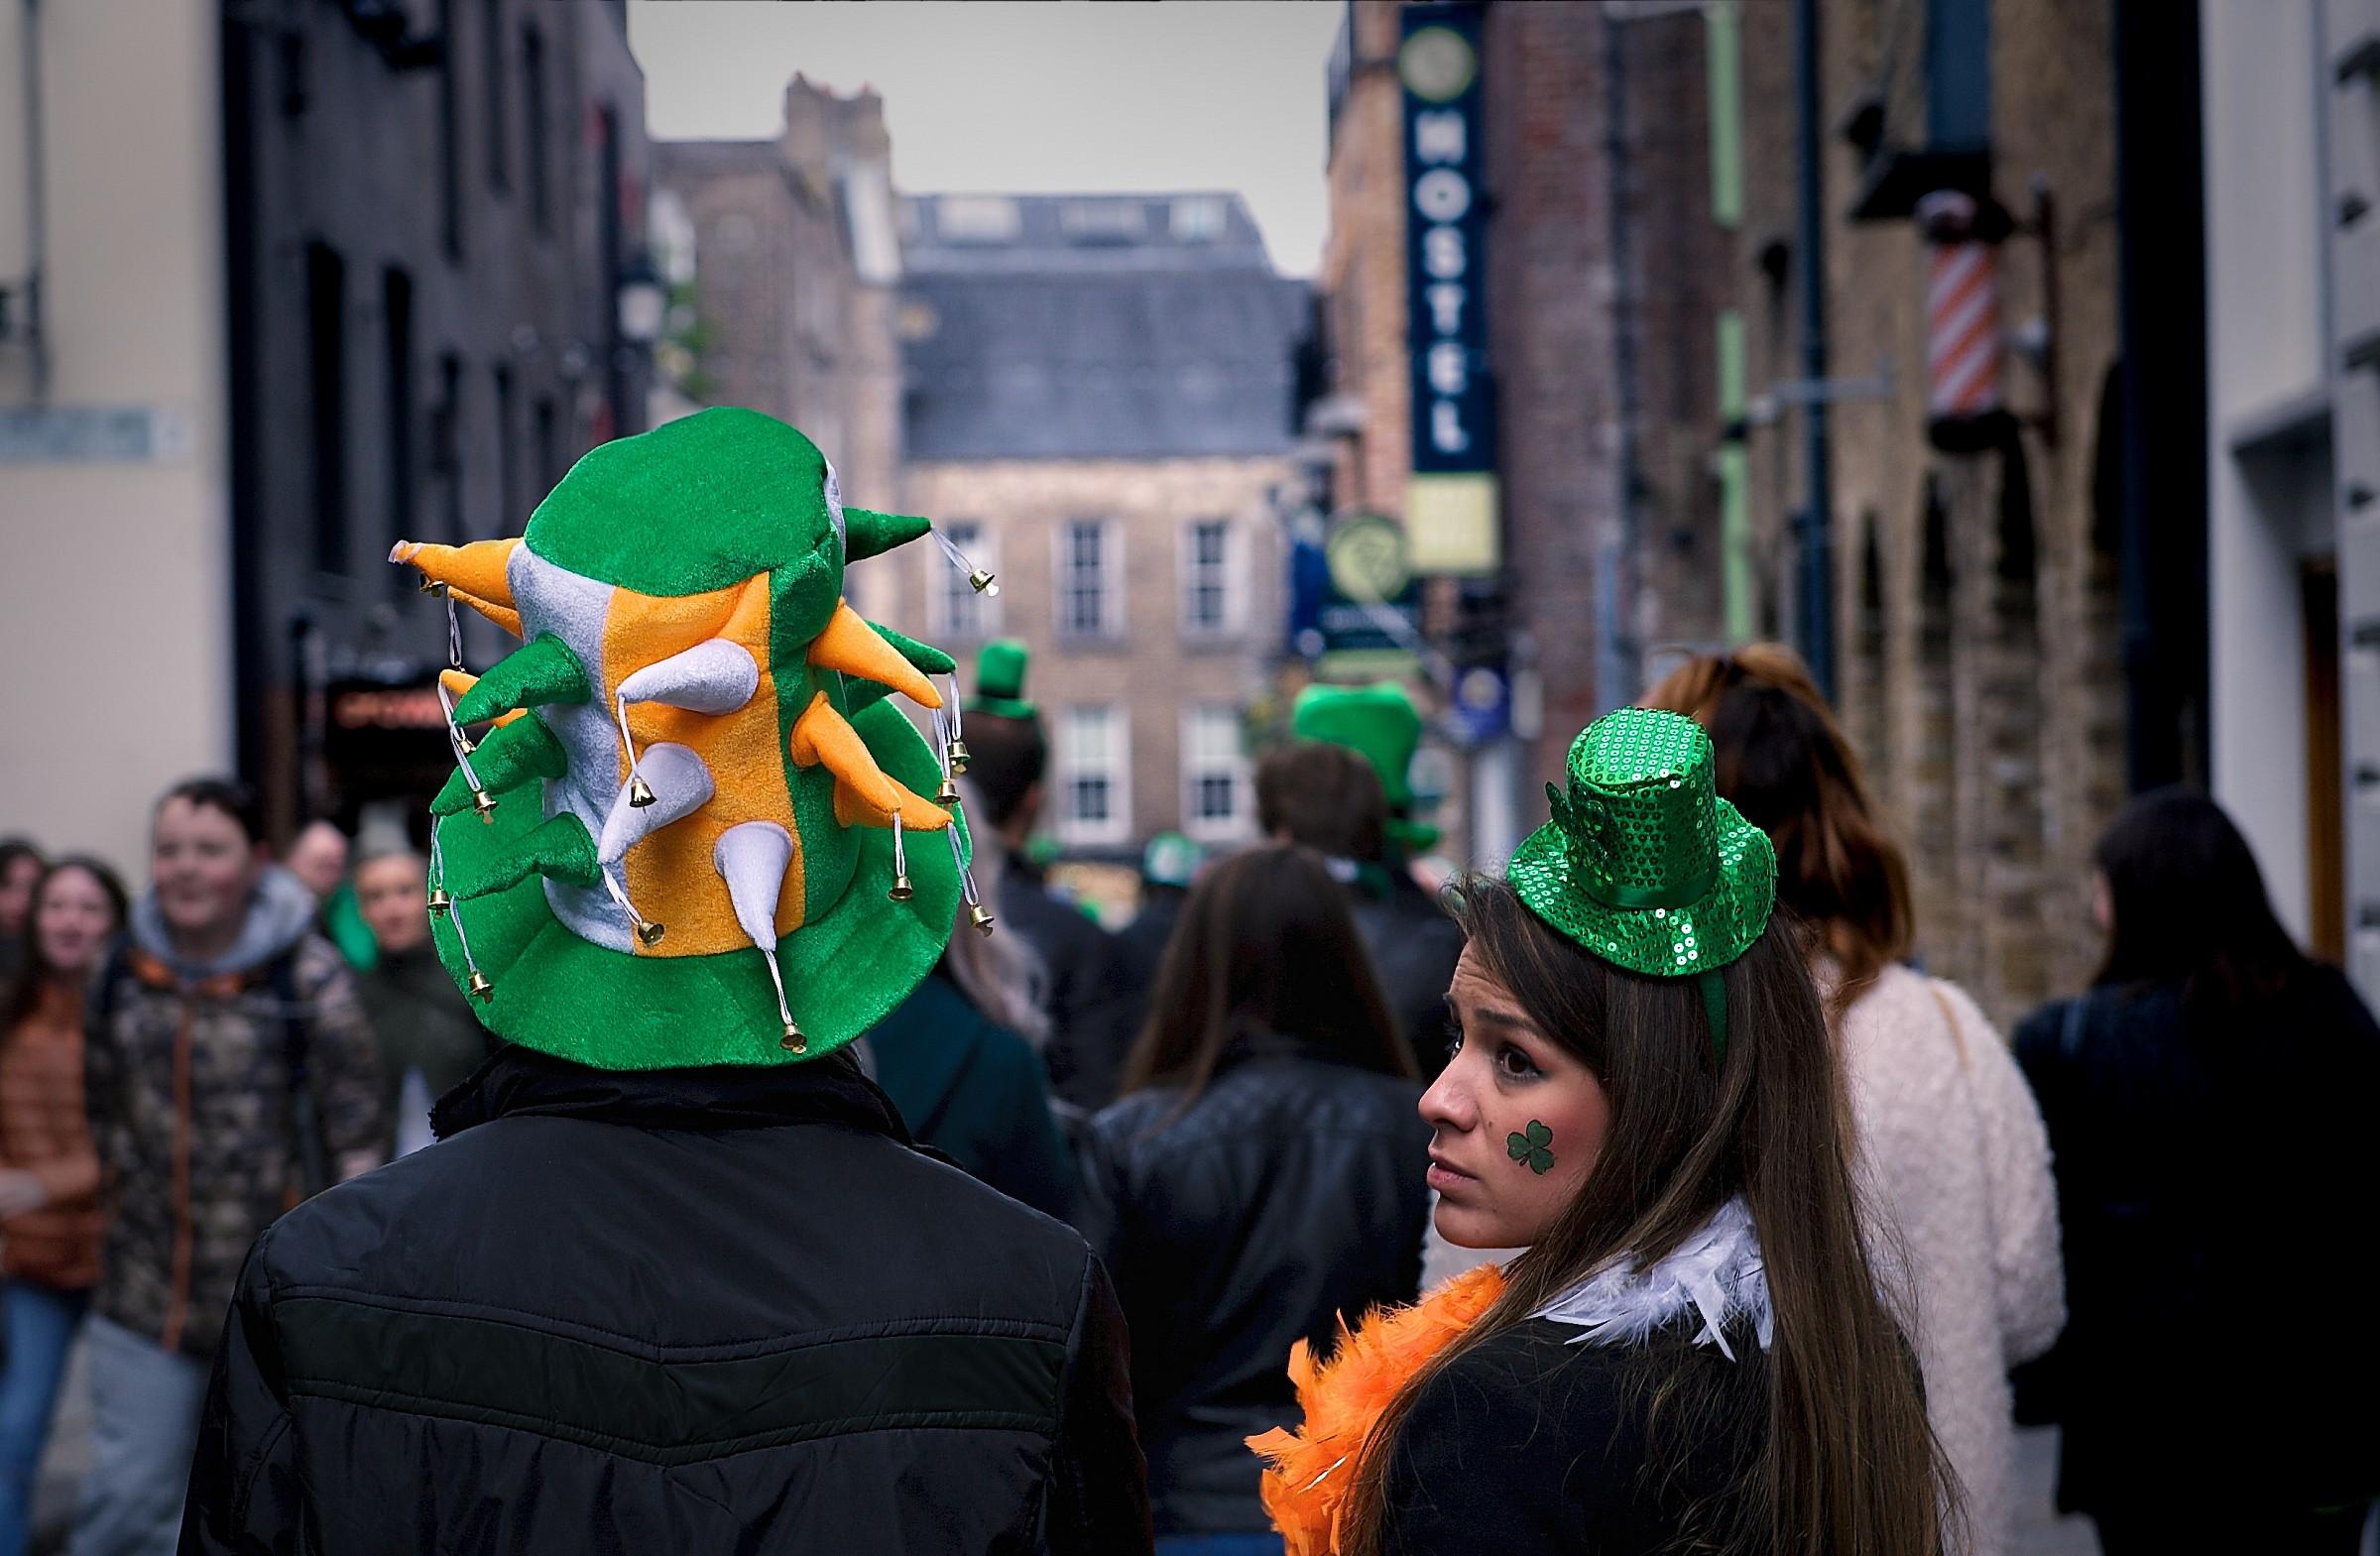 Cappelli verdi a Dublino...